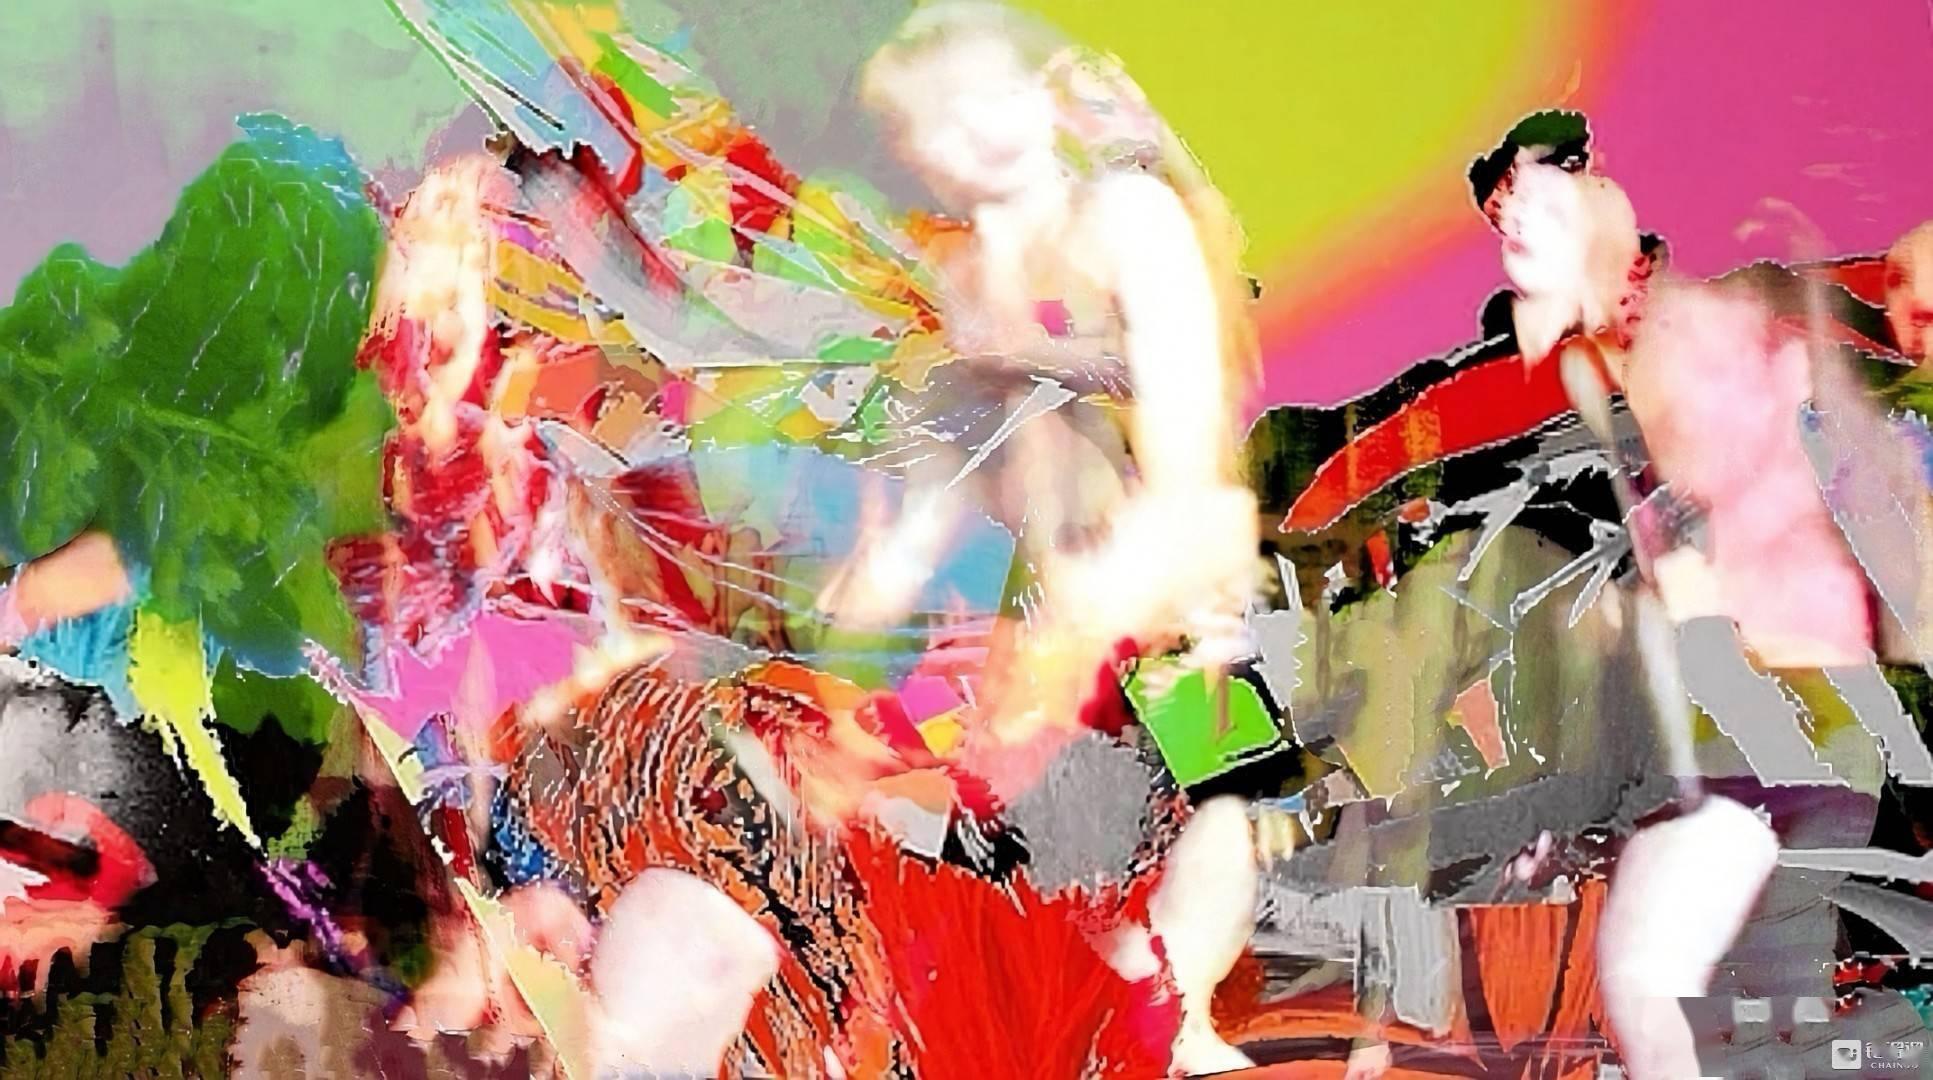 """《艺术的此岸与彼岸》:""""赛博北京·数字艺术节""""拍卖会参拍作品预告  第6张 《艺术的此岸与彼岸》:""""赛博北京·数字艺术节""""拍卖会参拍作品预告 币圈信息"""